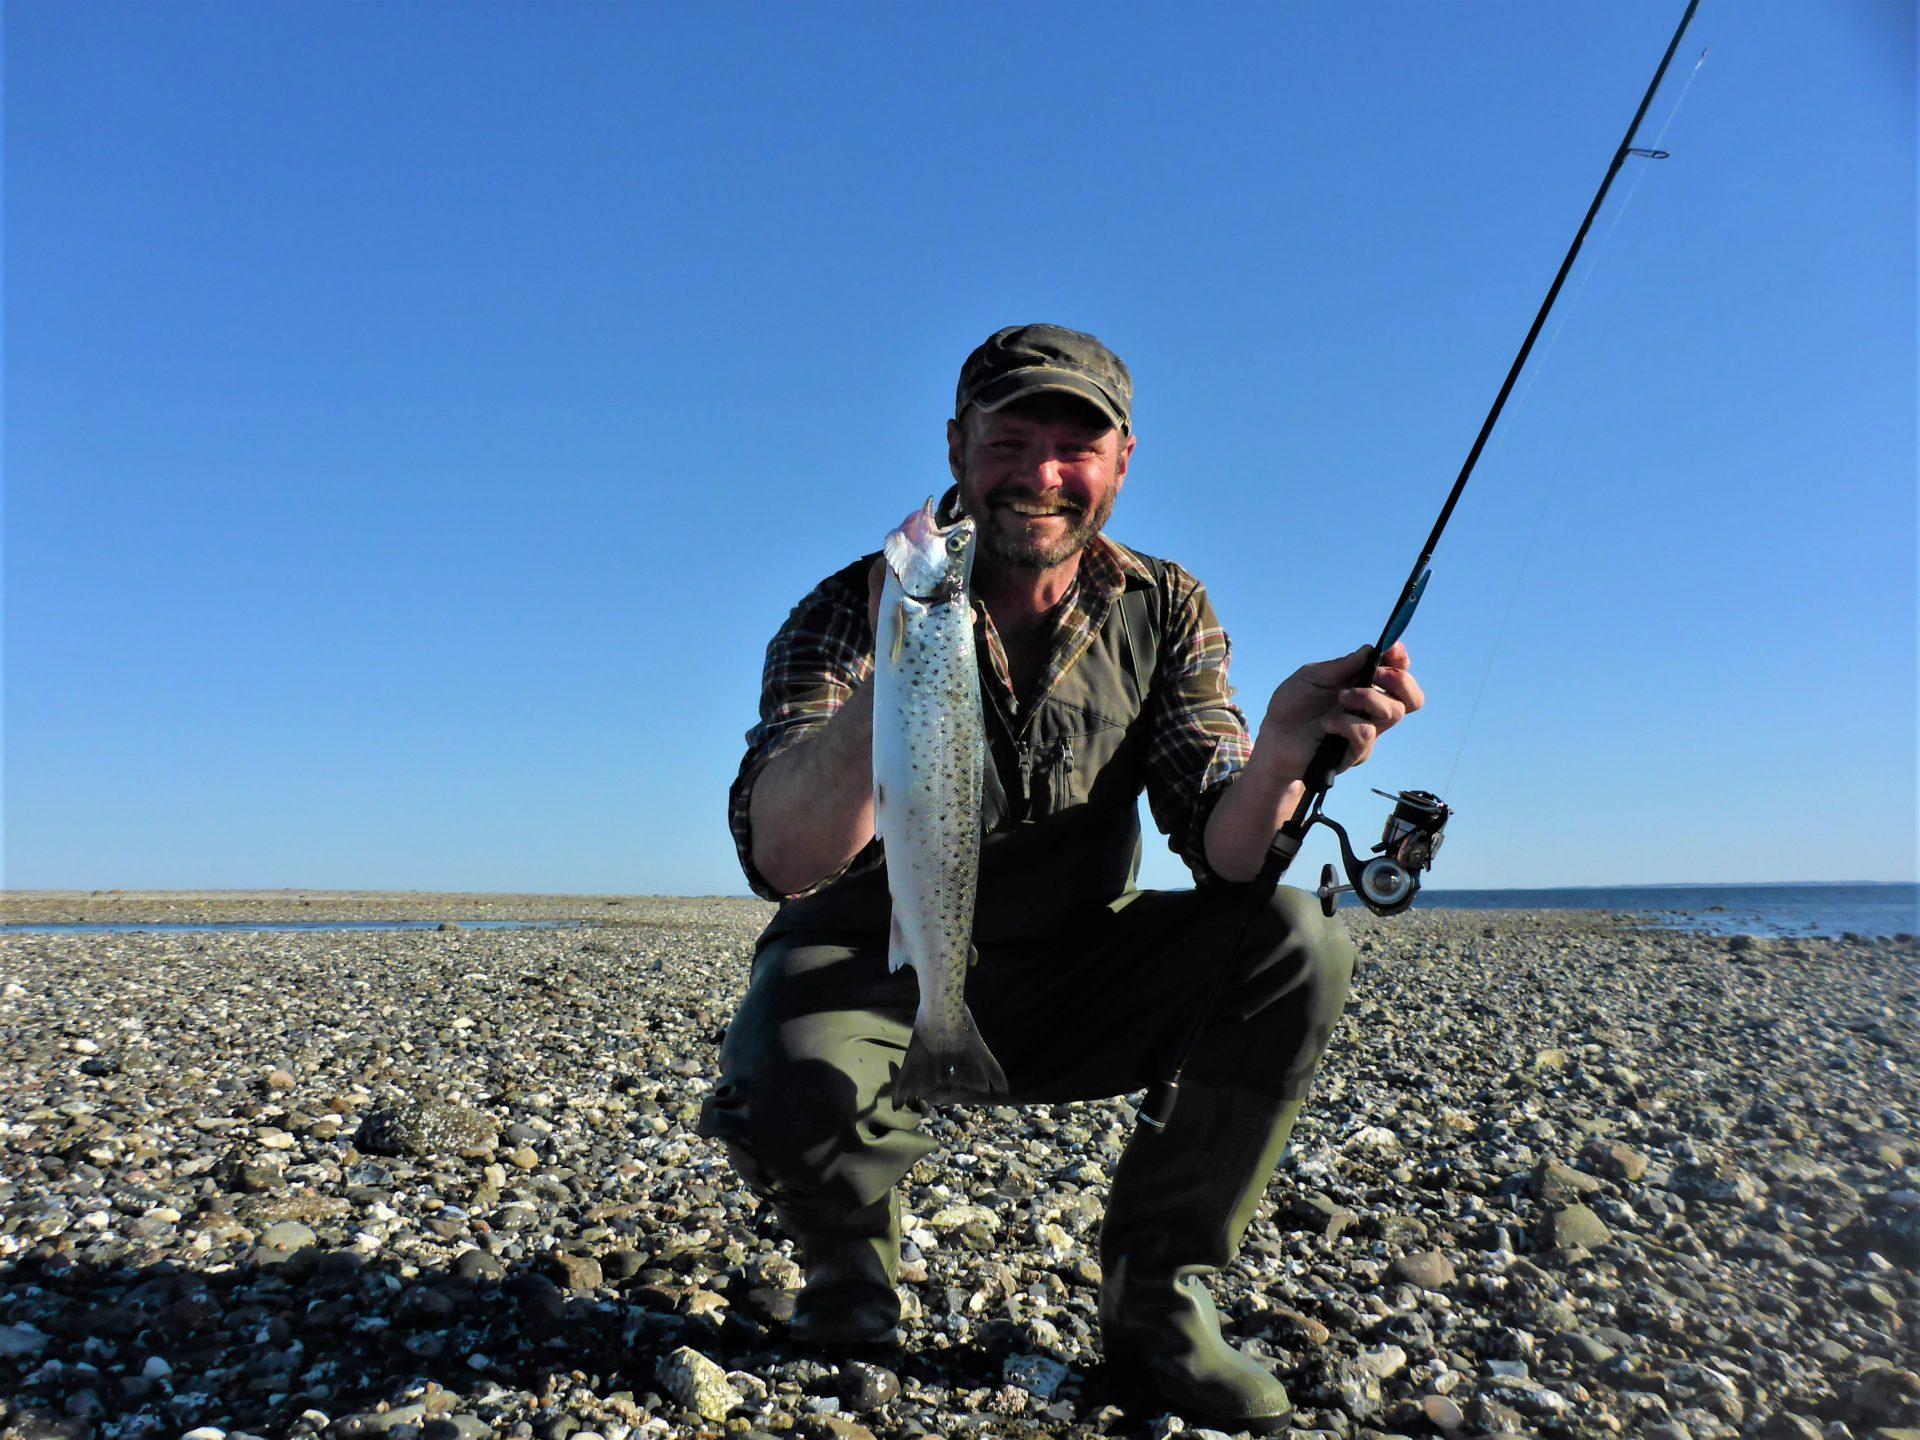 Holm Tange byder på spændende havørredfiskeri. Et godt bud på en havørredplads i Limfjorden.